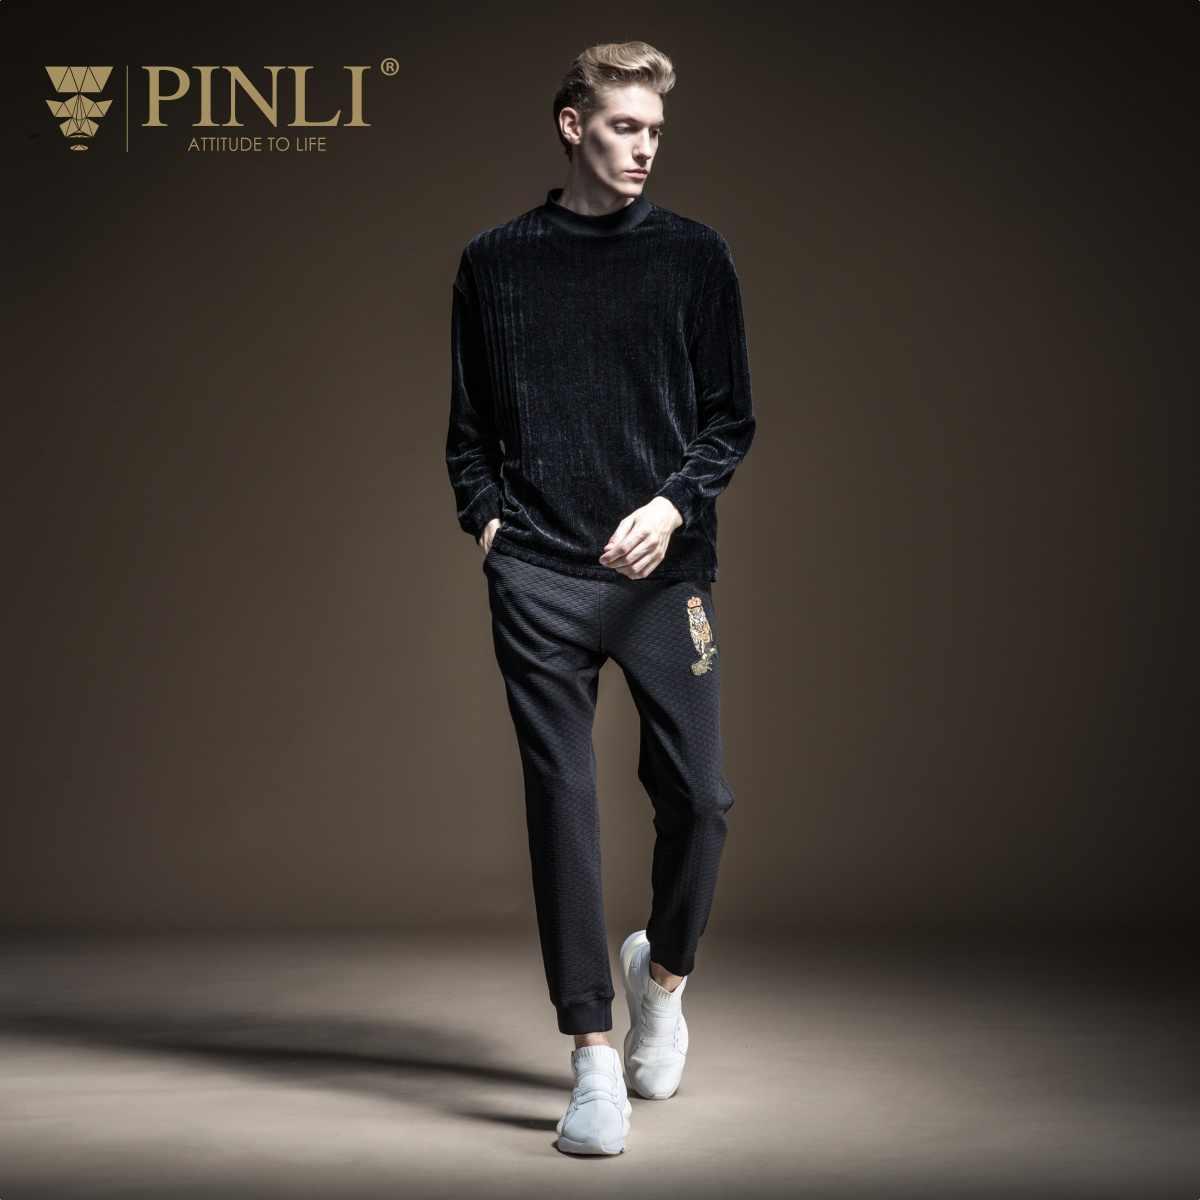 Linkin Park/распродажа товаров Pinli, новая осенняя коллекция 2019 года, Мужская Вельветовая футболка с длинными рукавами и высоким воротником, пальто B193311215